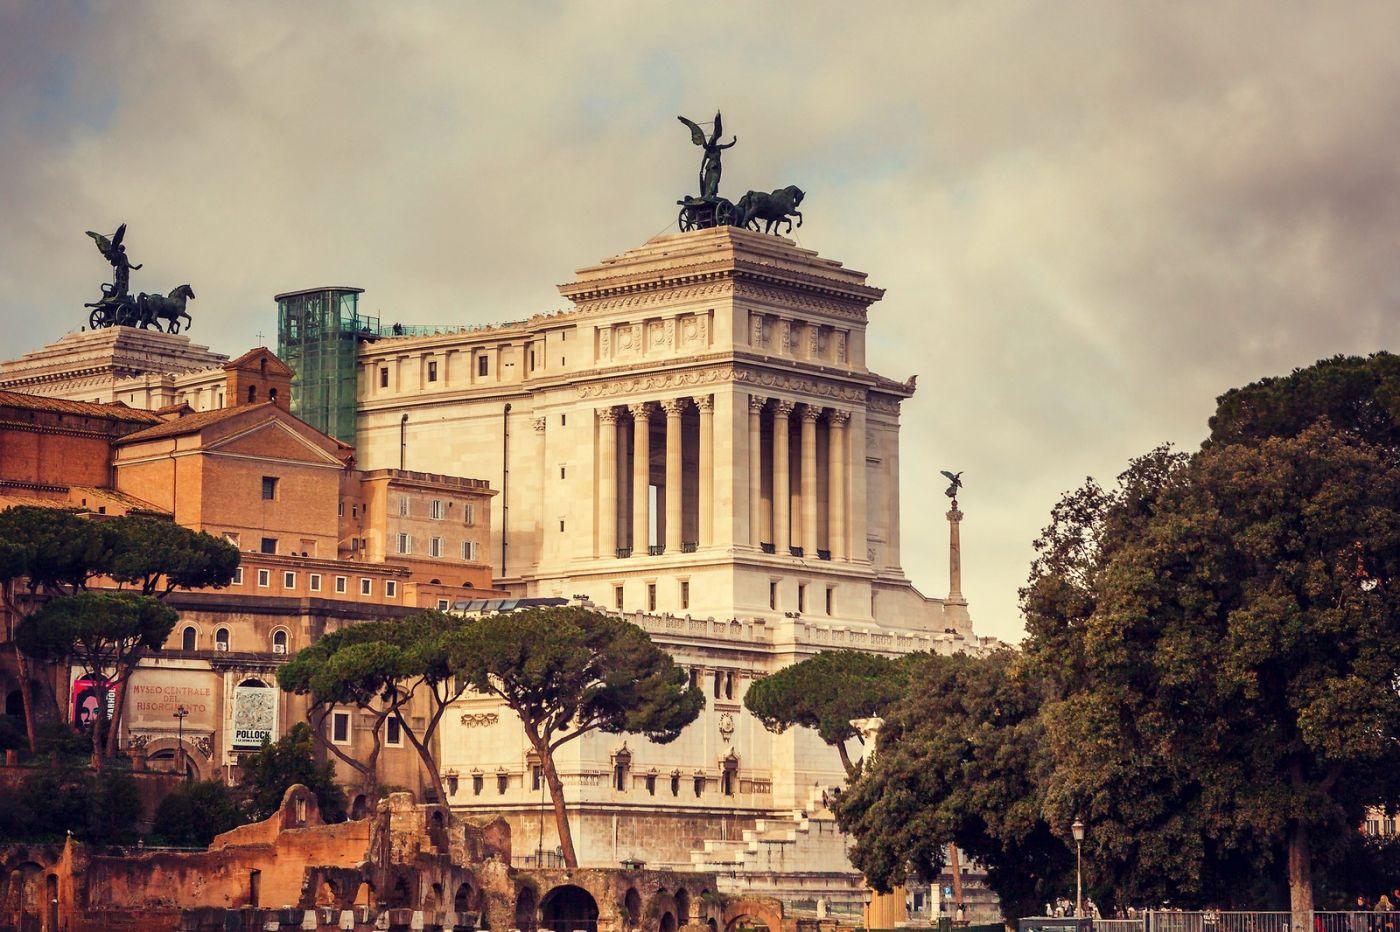 意大利罗马论坛,很敬佩_图1-13